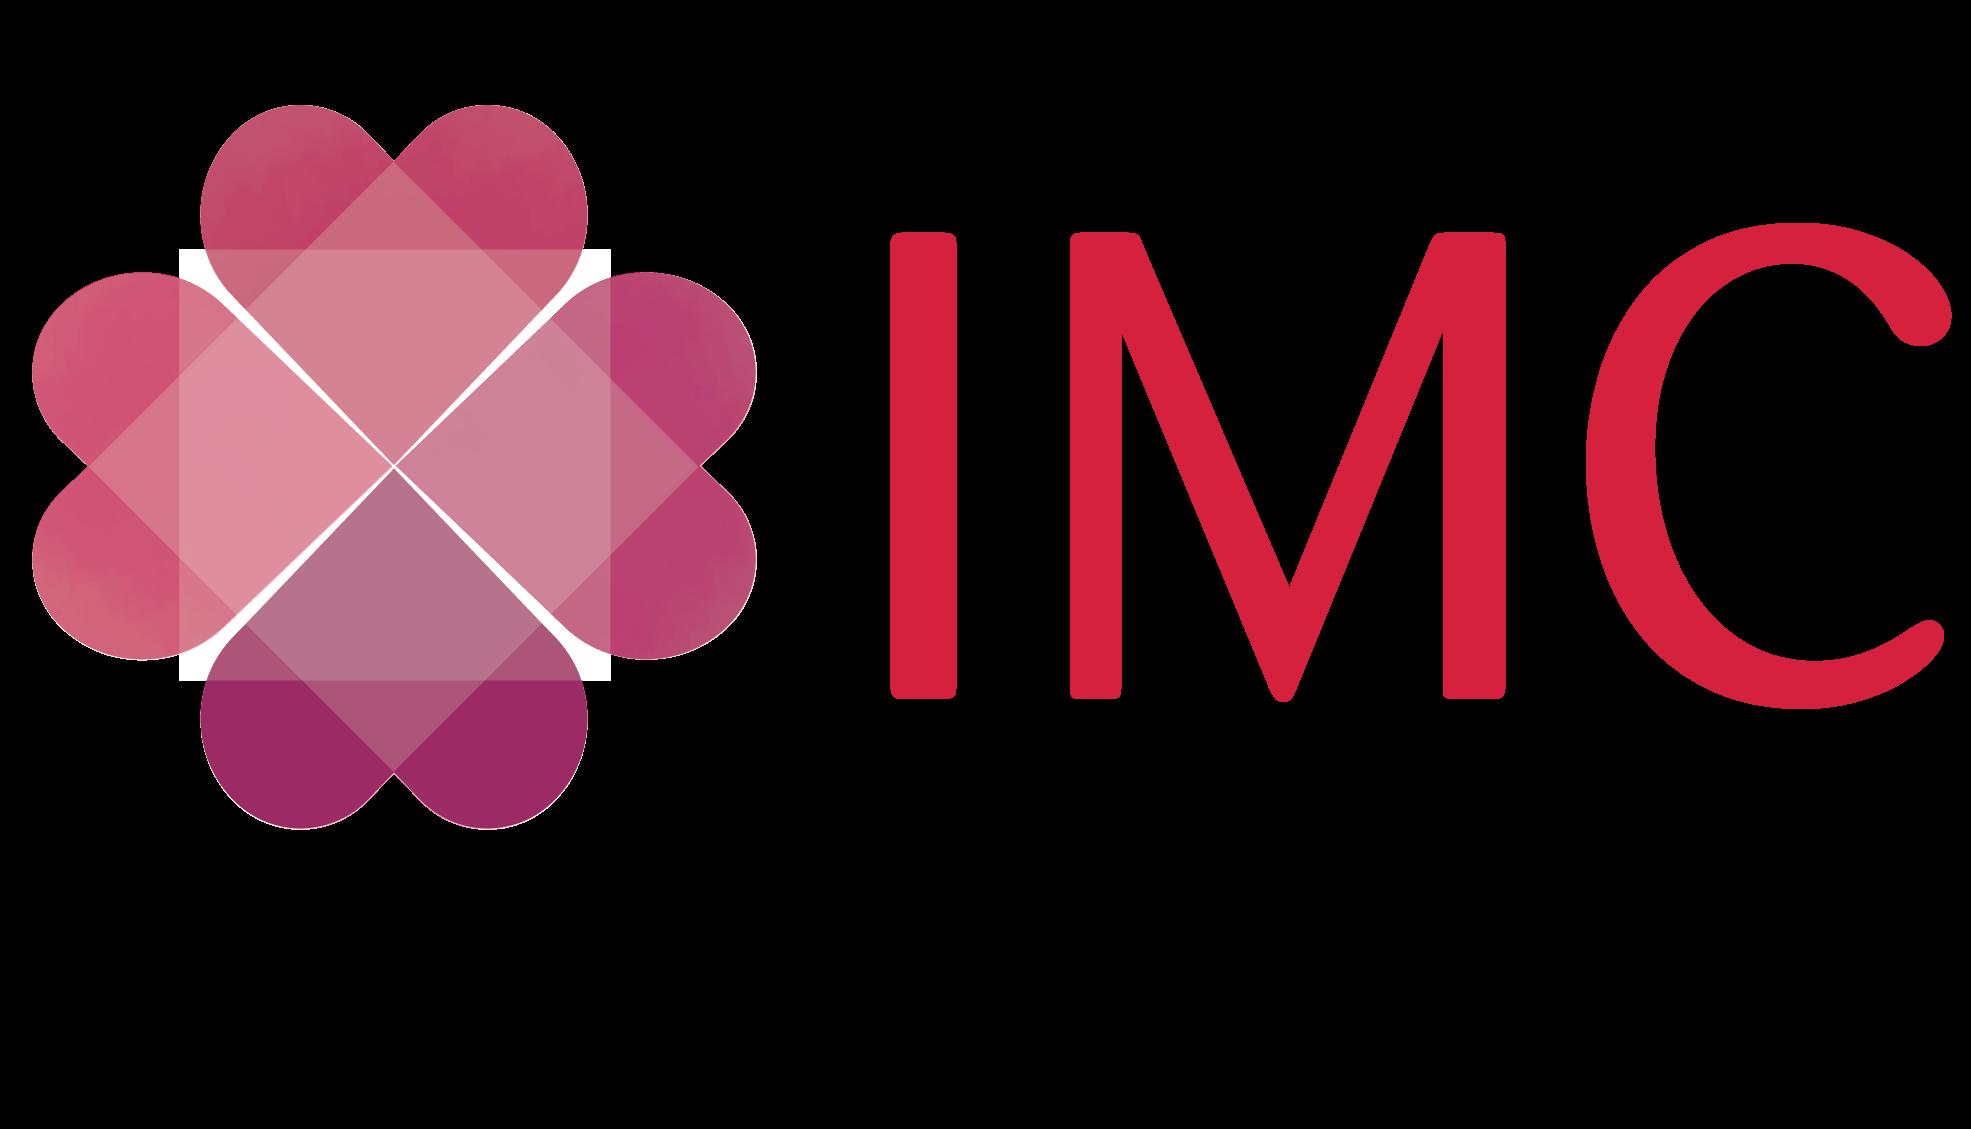 IMC Cardiologia